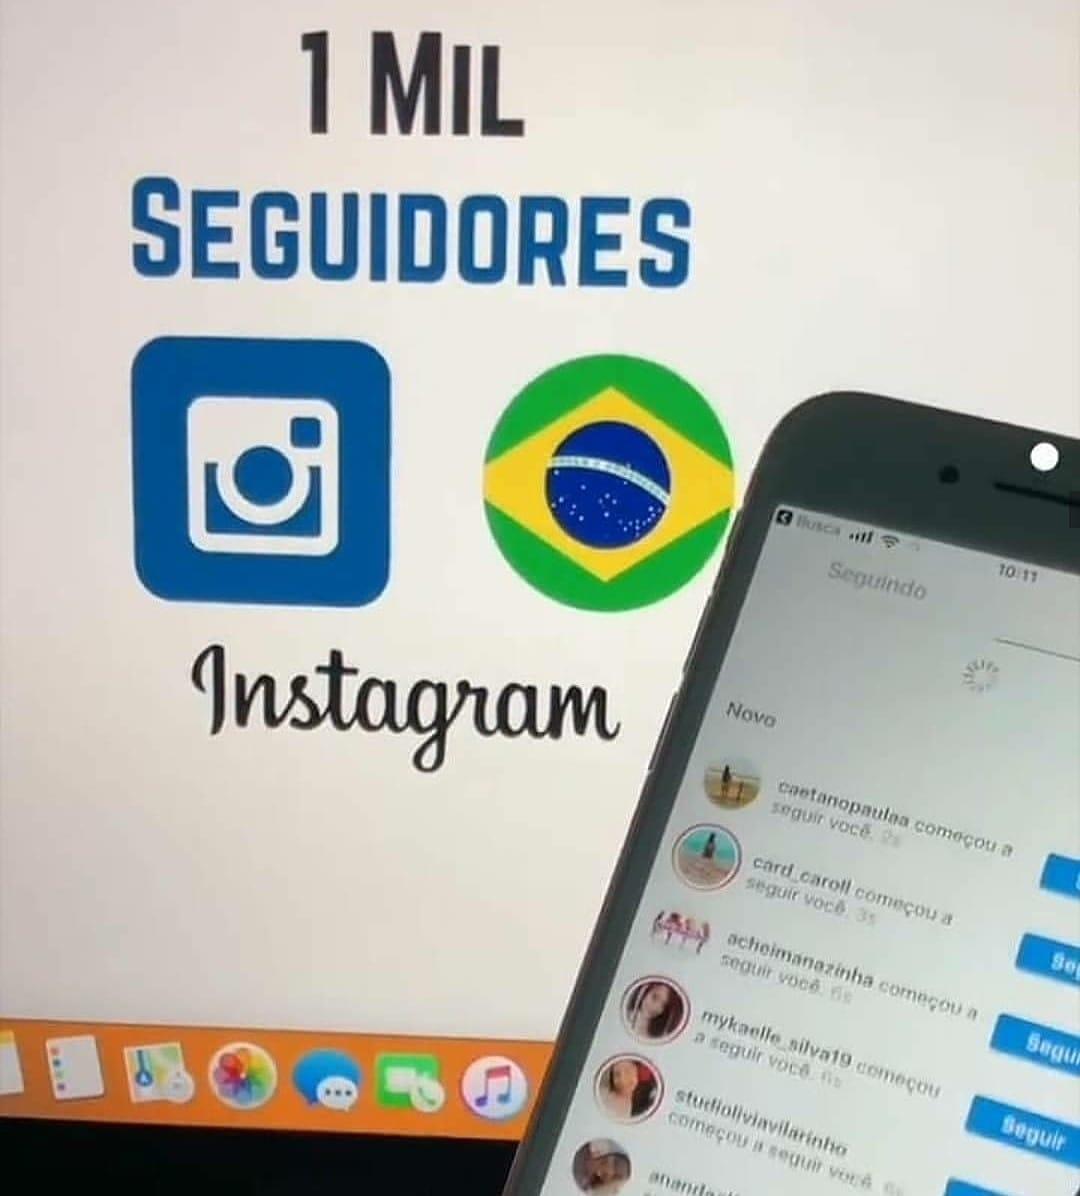 1000 Seguidores no Instagram